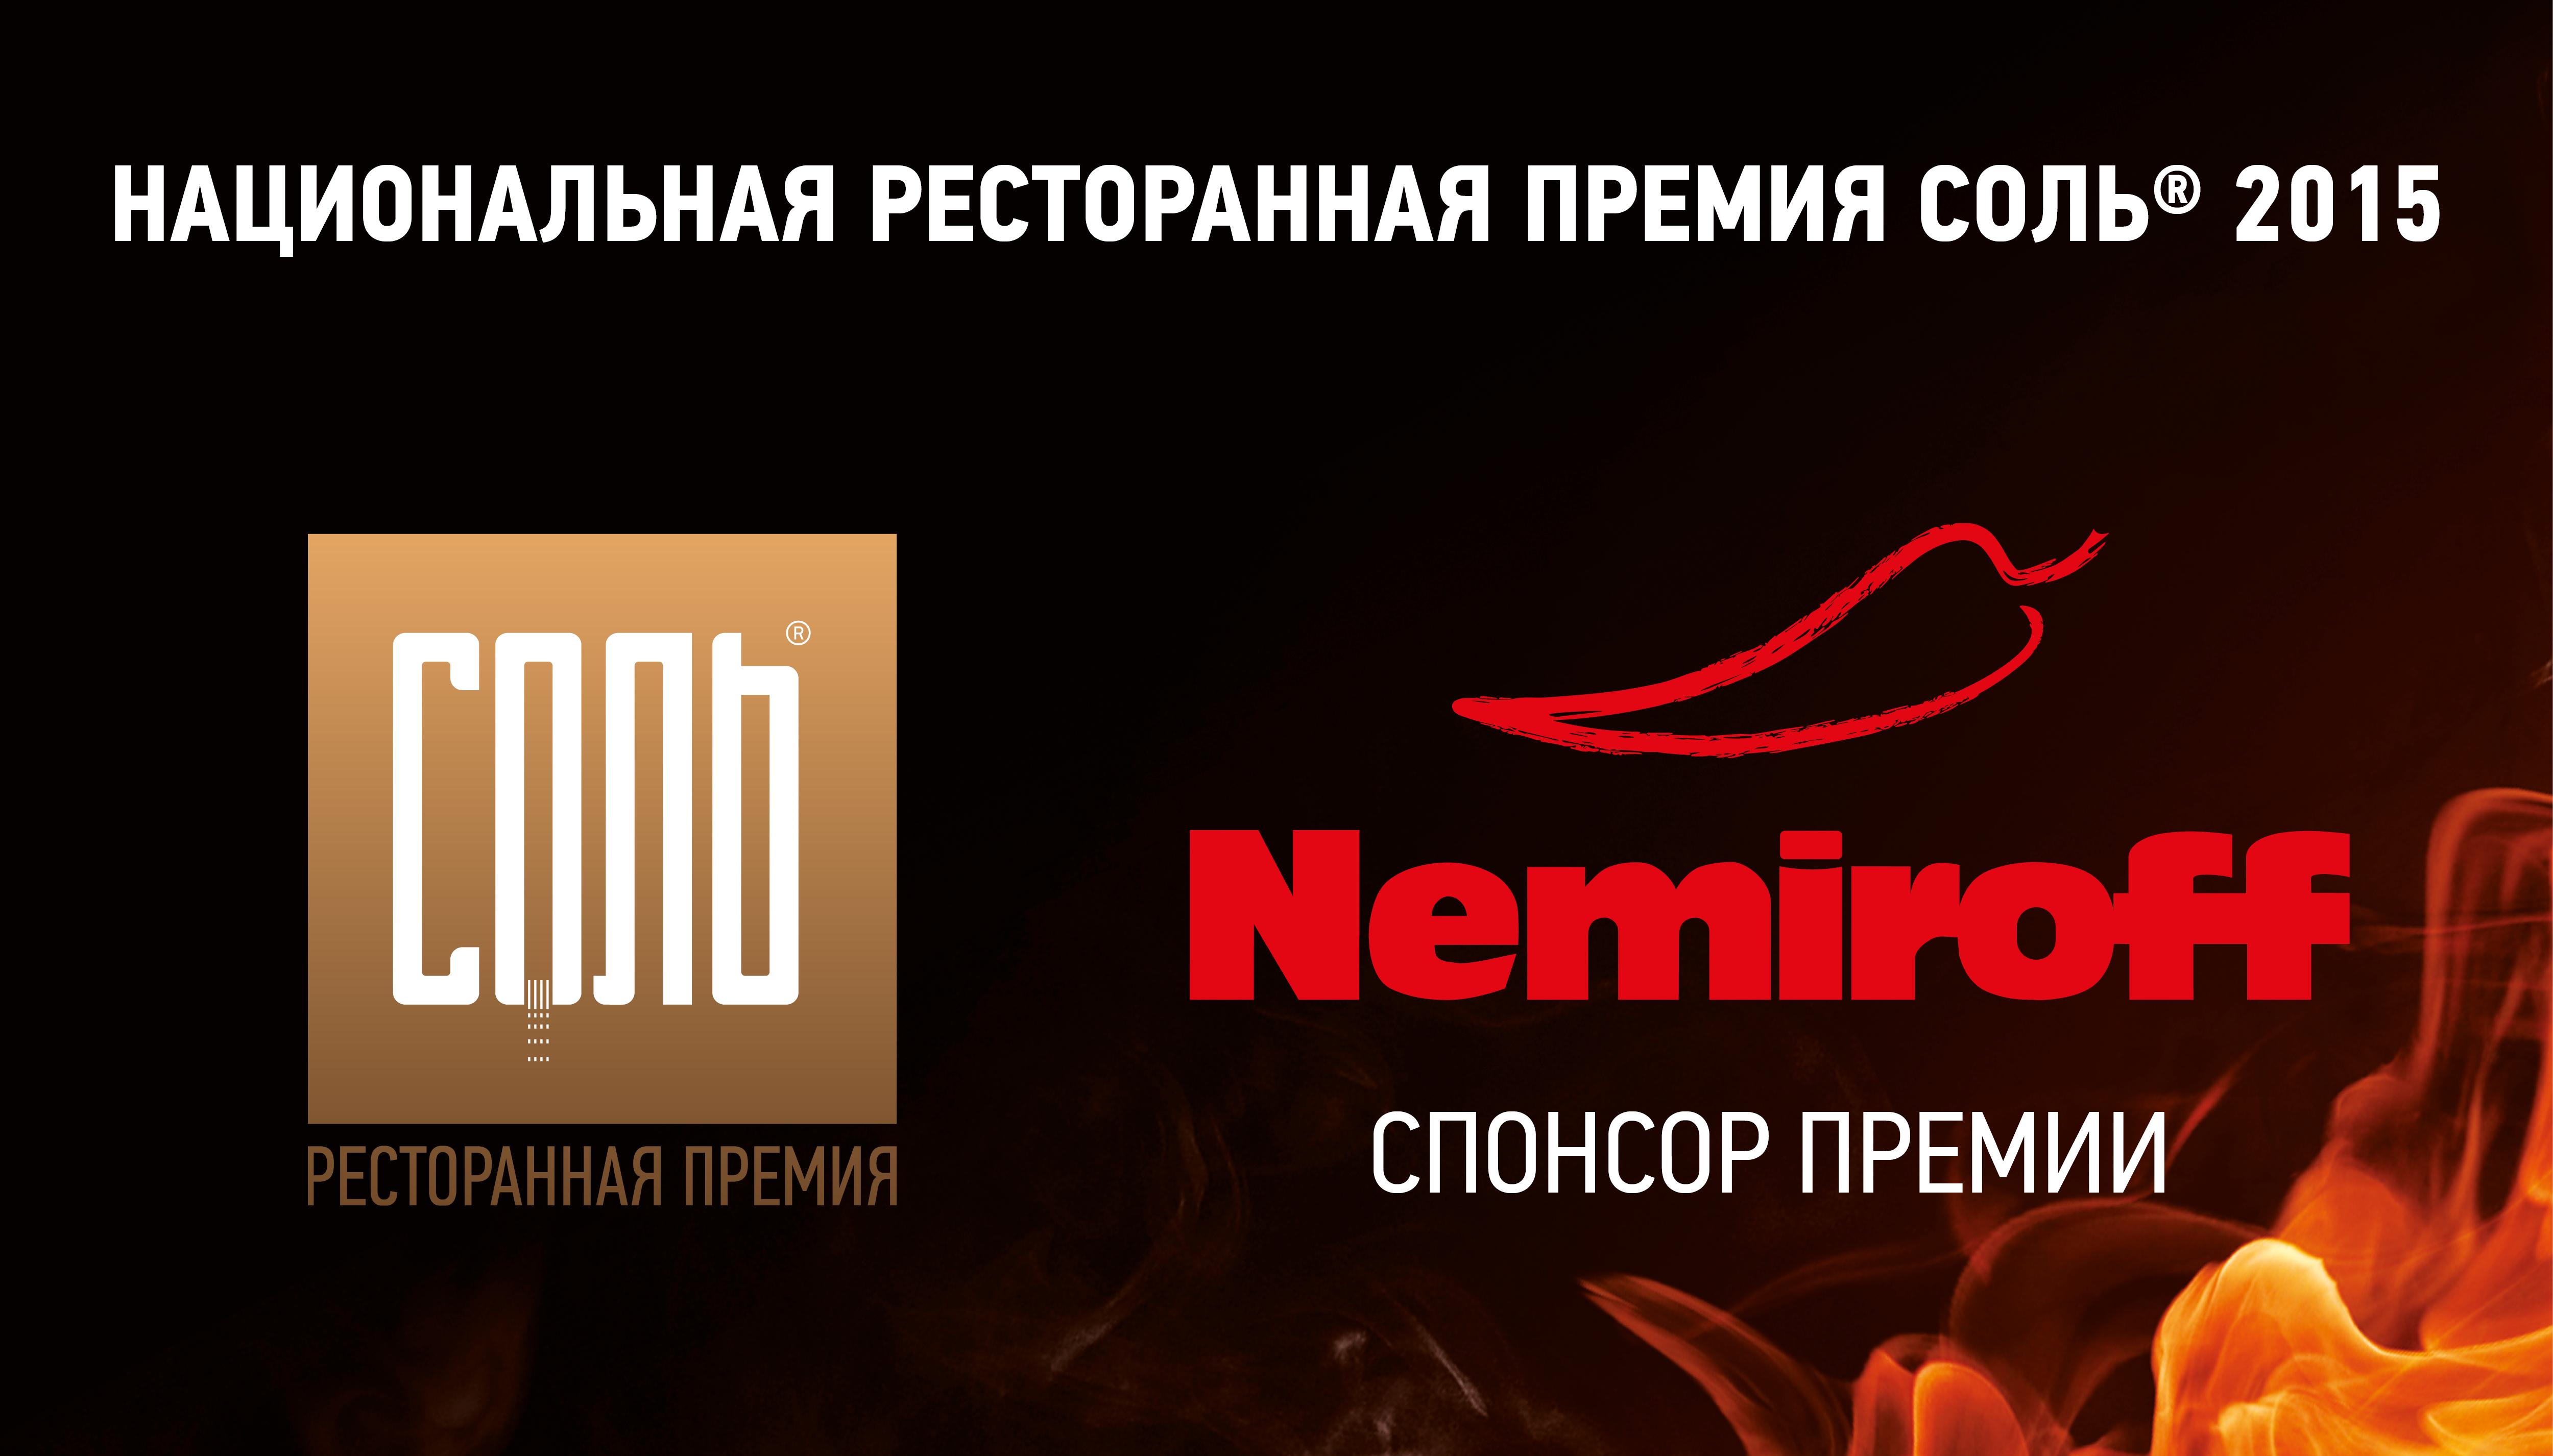 Международный бренд Nemiroff выступил официальным партнером Национальной Ресторанной премии СОЛЬ®